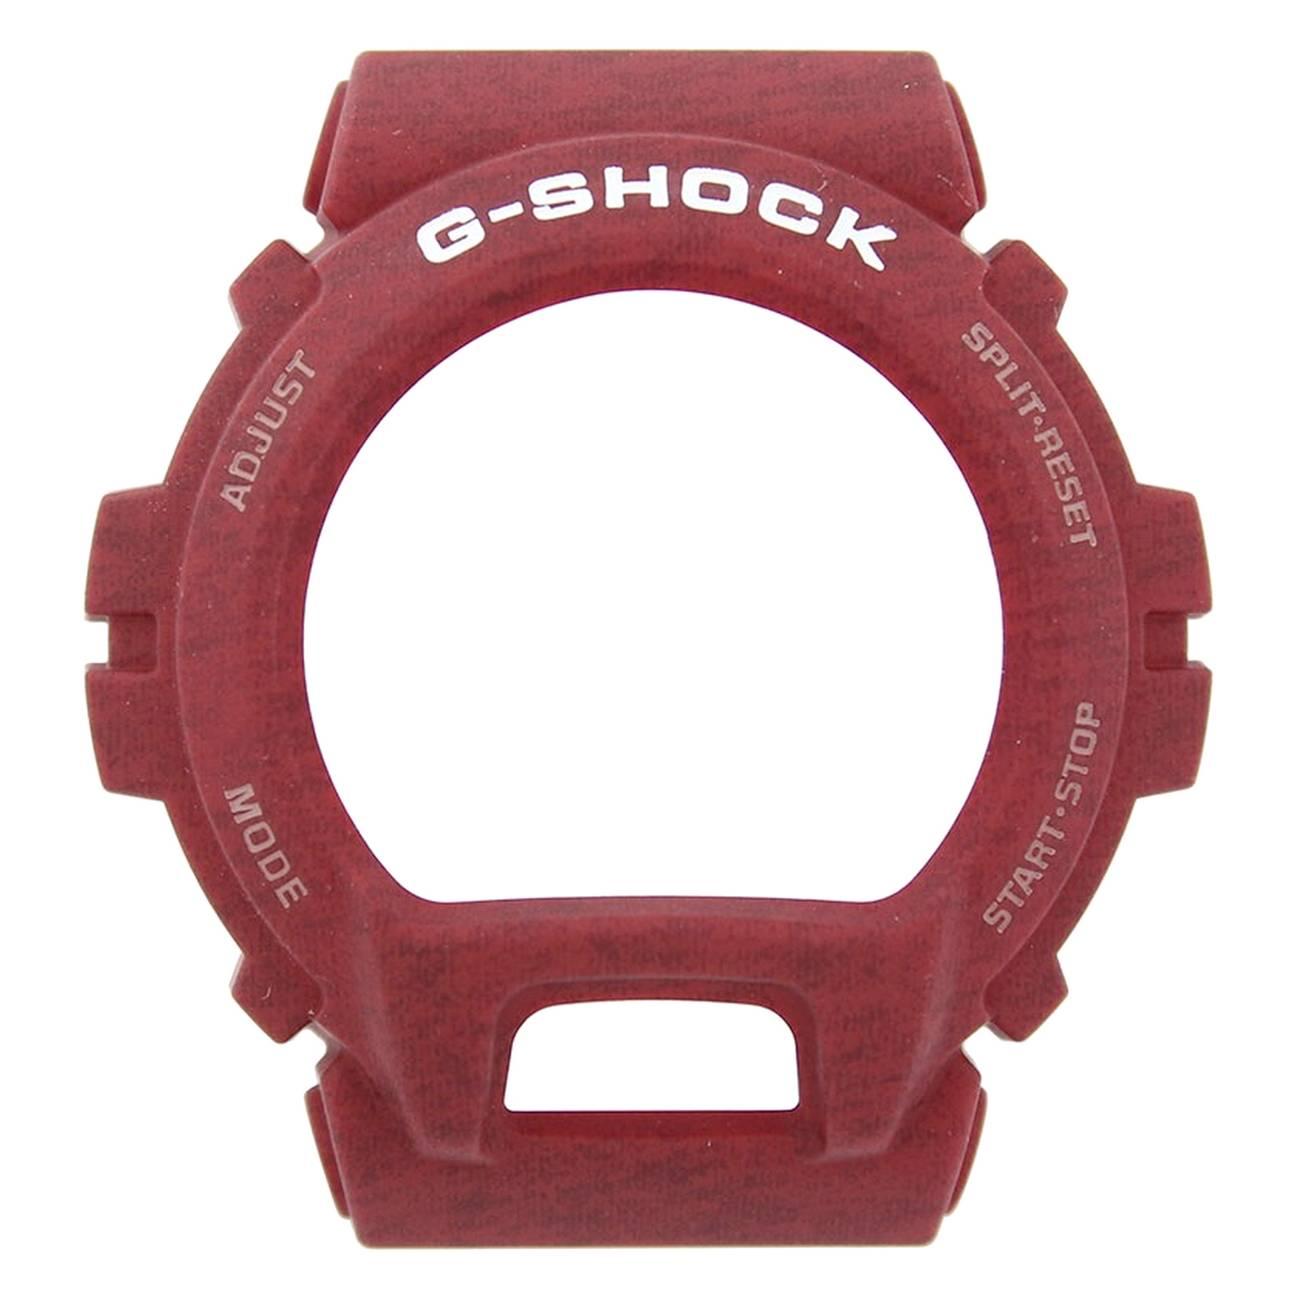 Bezel Capa Casio G-shock GD-X6900HT-4 Resina Vermelho Texturizado  - E-Presentes